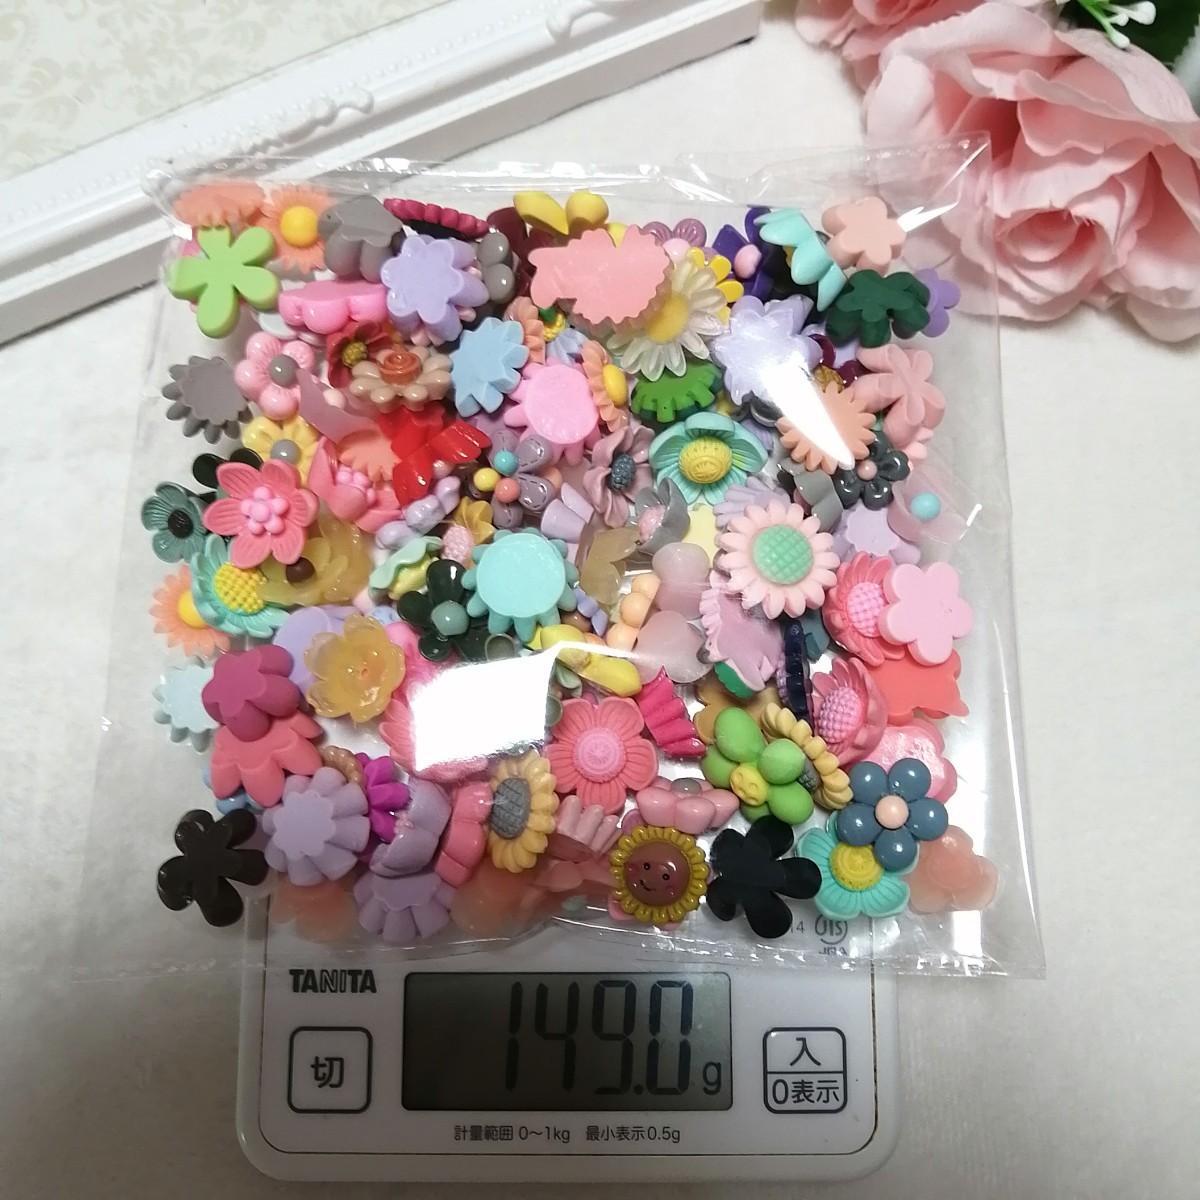 デコパーツ プラパーツ ハンドメイド 手作り 花台 材料 パーツ お花たっぷり2